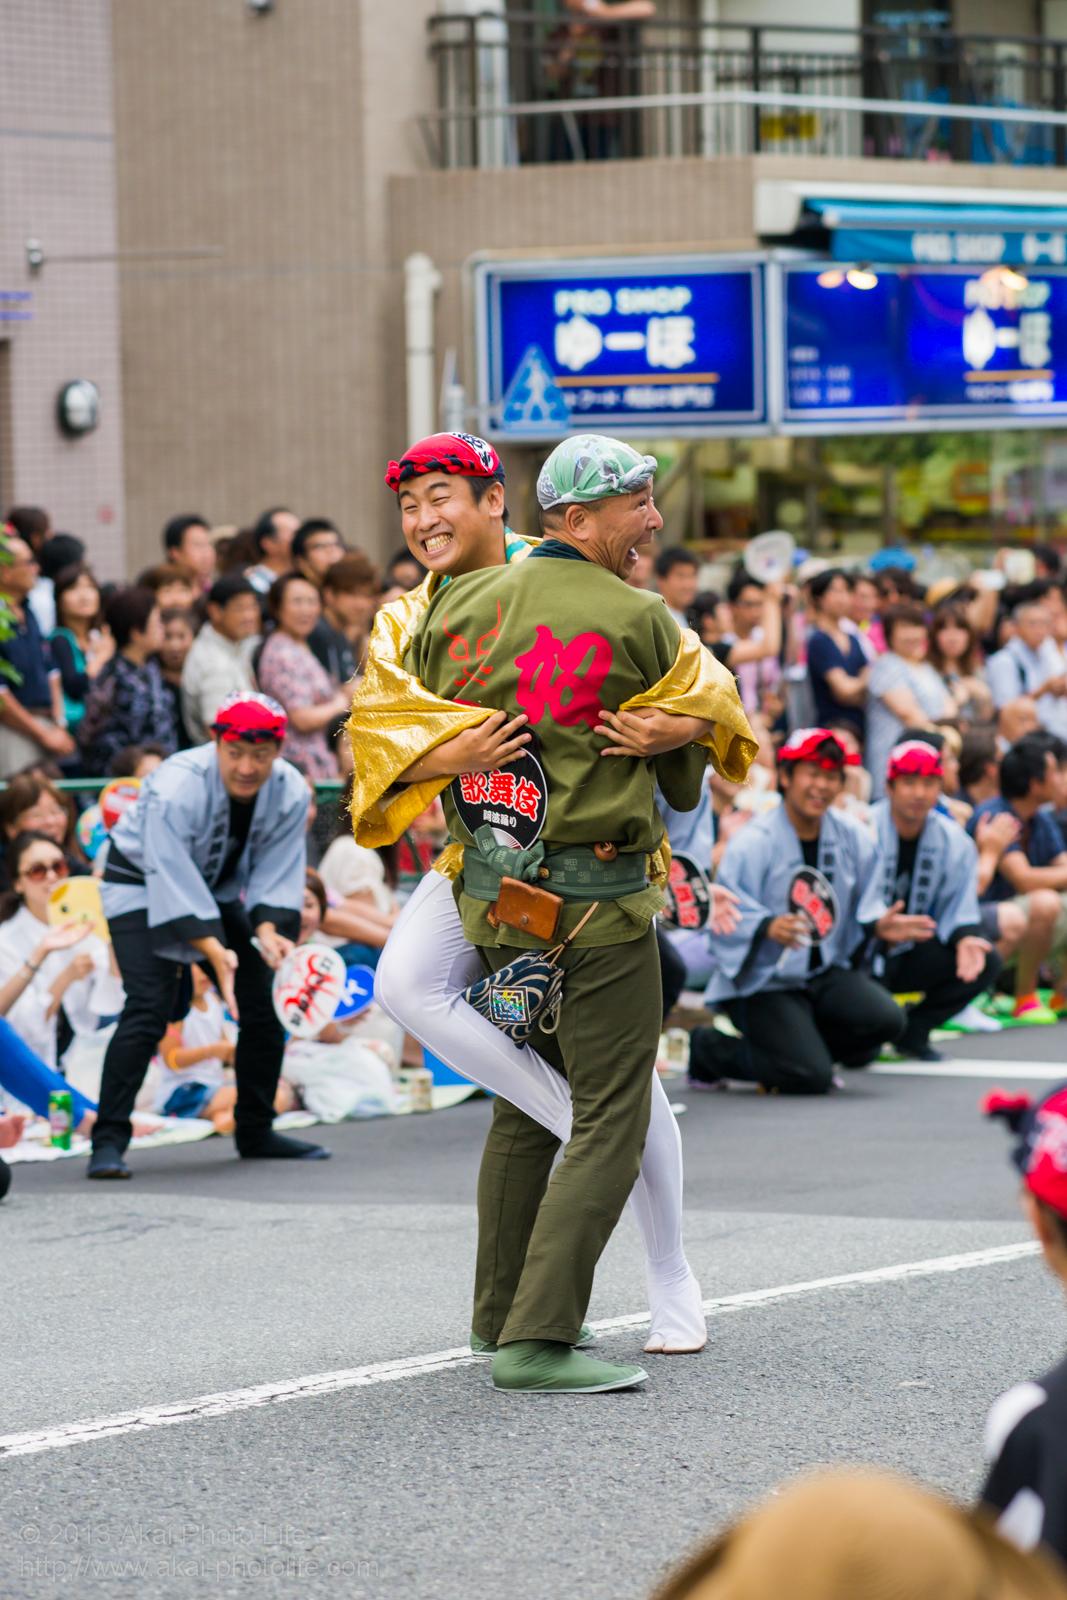 高円寺阿波踊り 江戸歌舞伎連のやっこ踊り